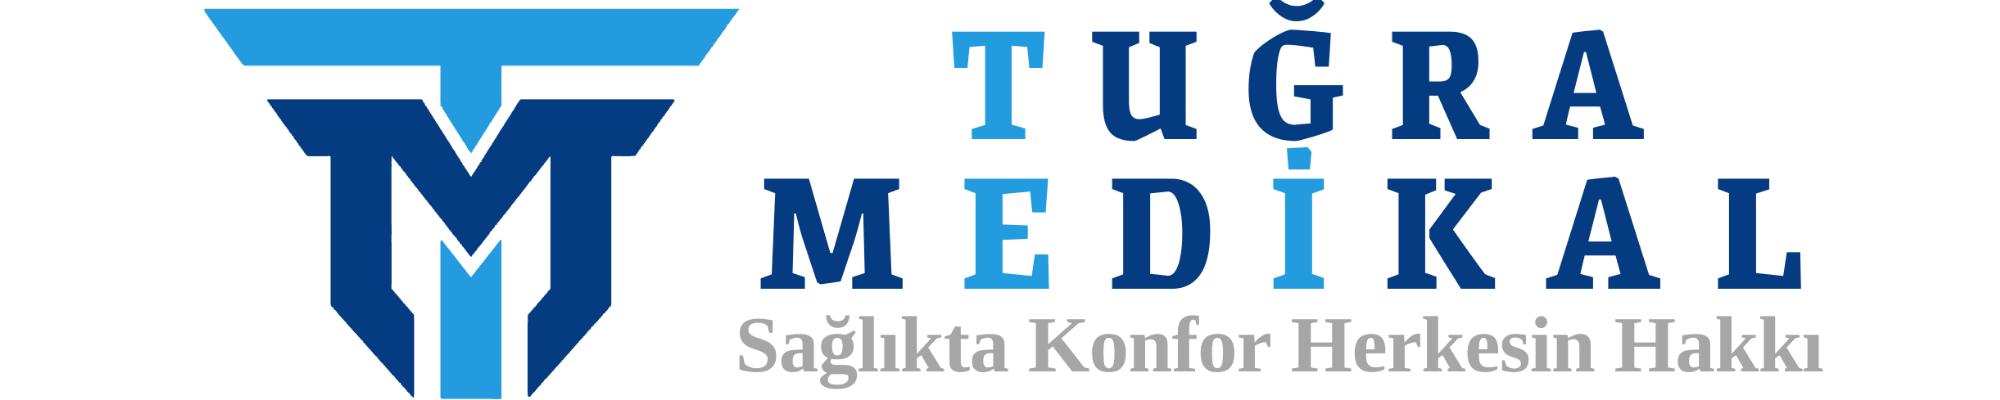 Tuğra Medikal | Tuğra Ortopedik ve Medikal Sağlık Ürünleri